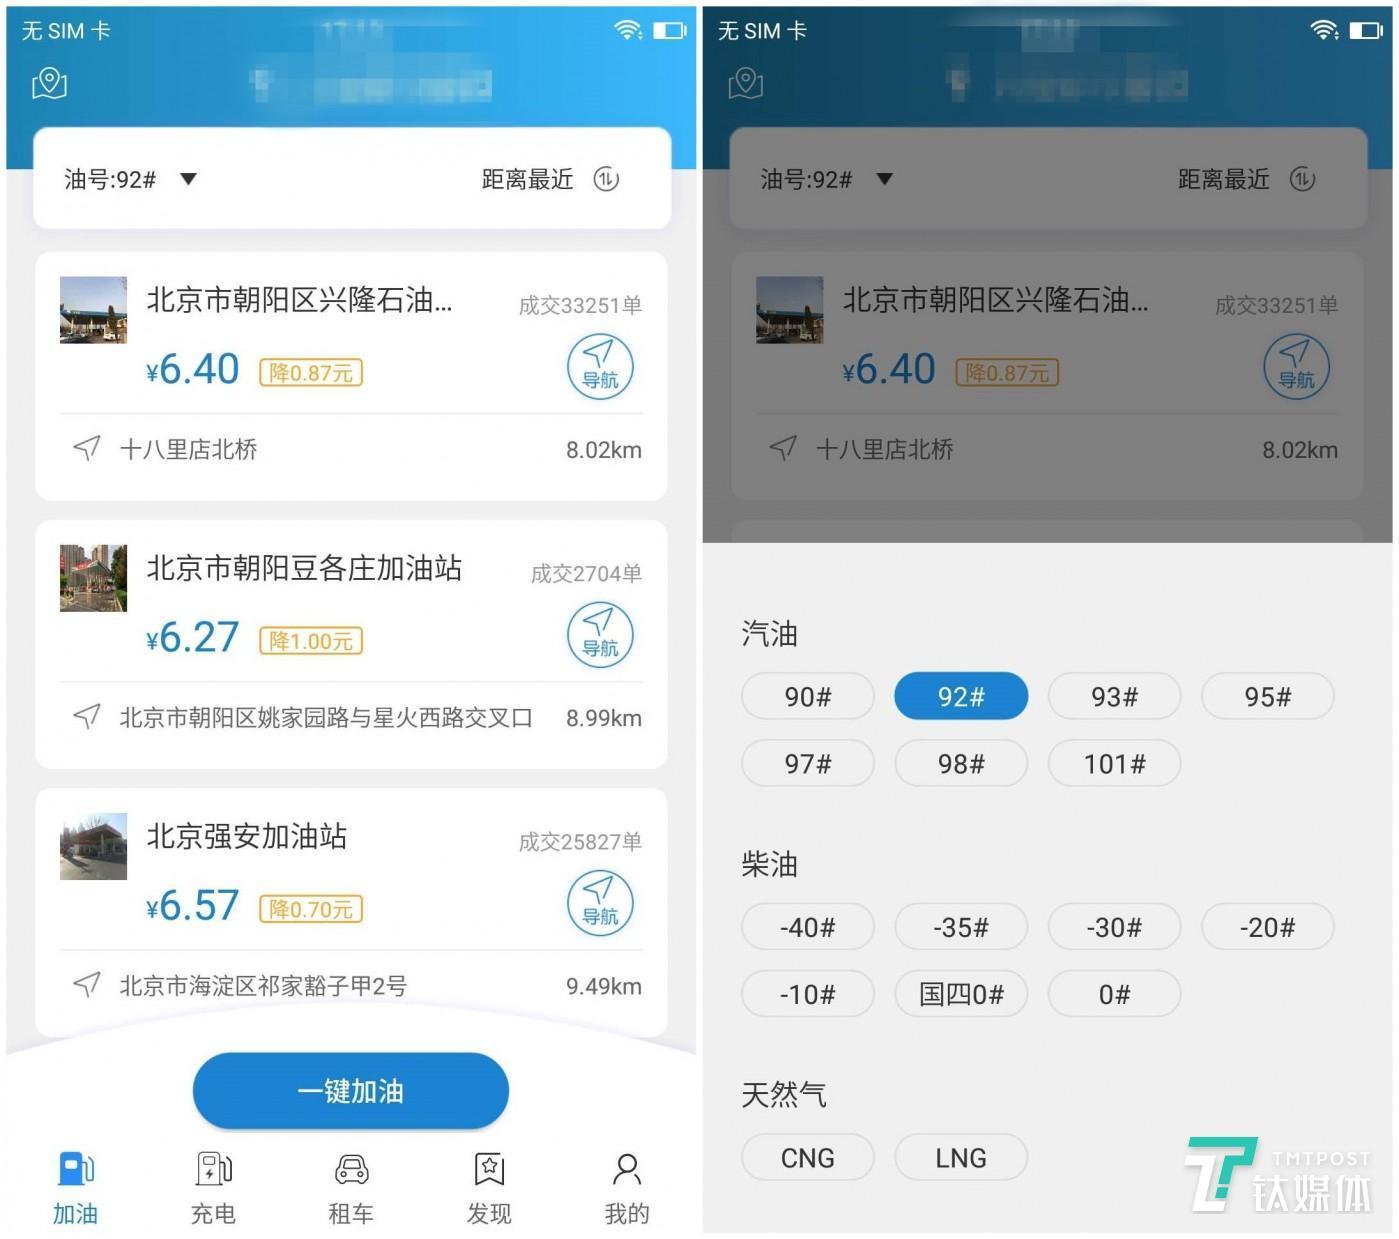 车主邦app上会直接显示附近加油站、价格、汽油型号等信息,2、3万的成交量也很多。